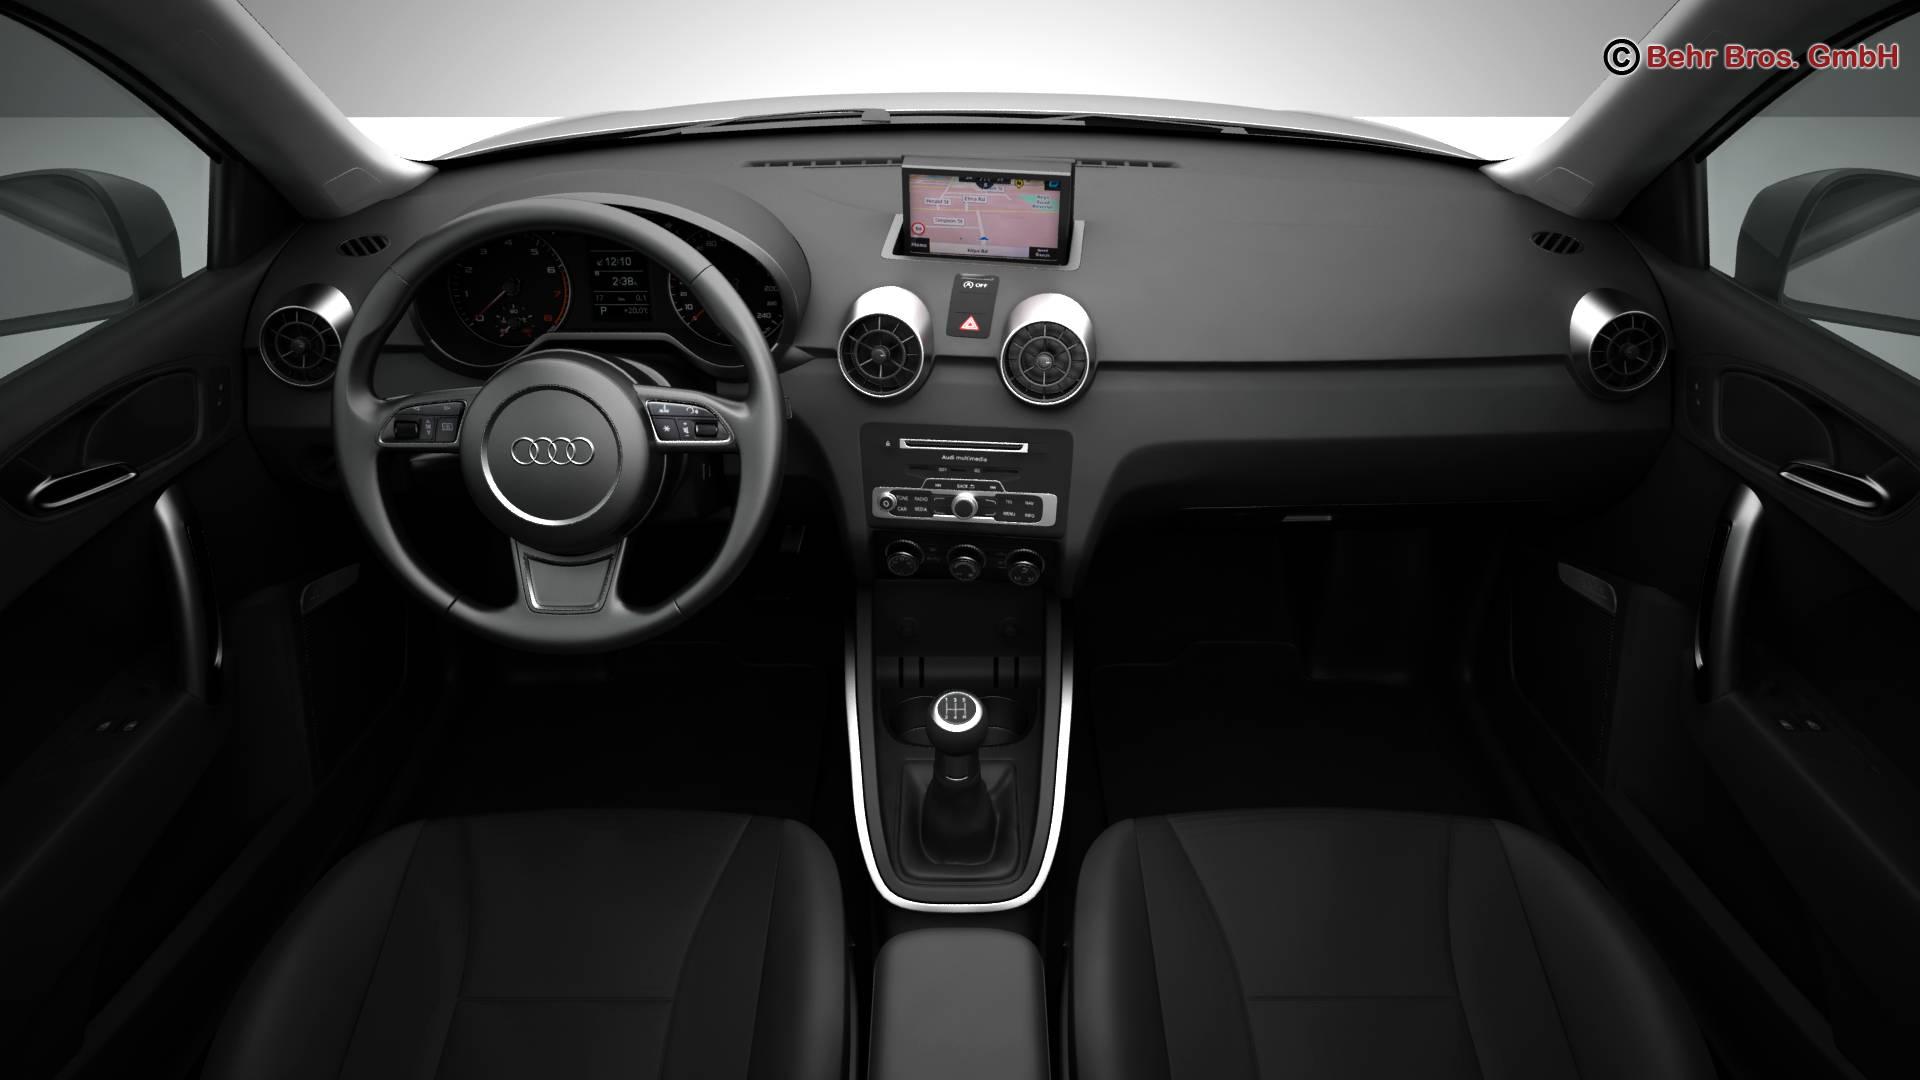 Audi a1 2015 3d model 3ds max fbx c4d am fwy o wybodaeth 214708